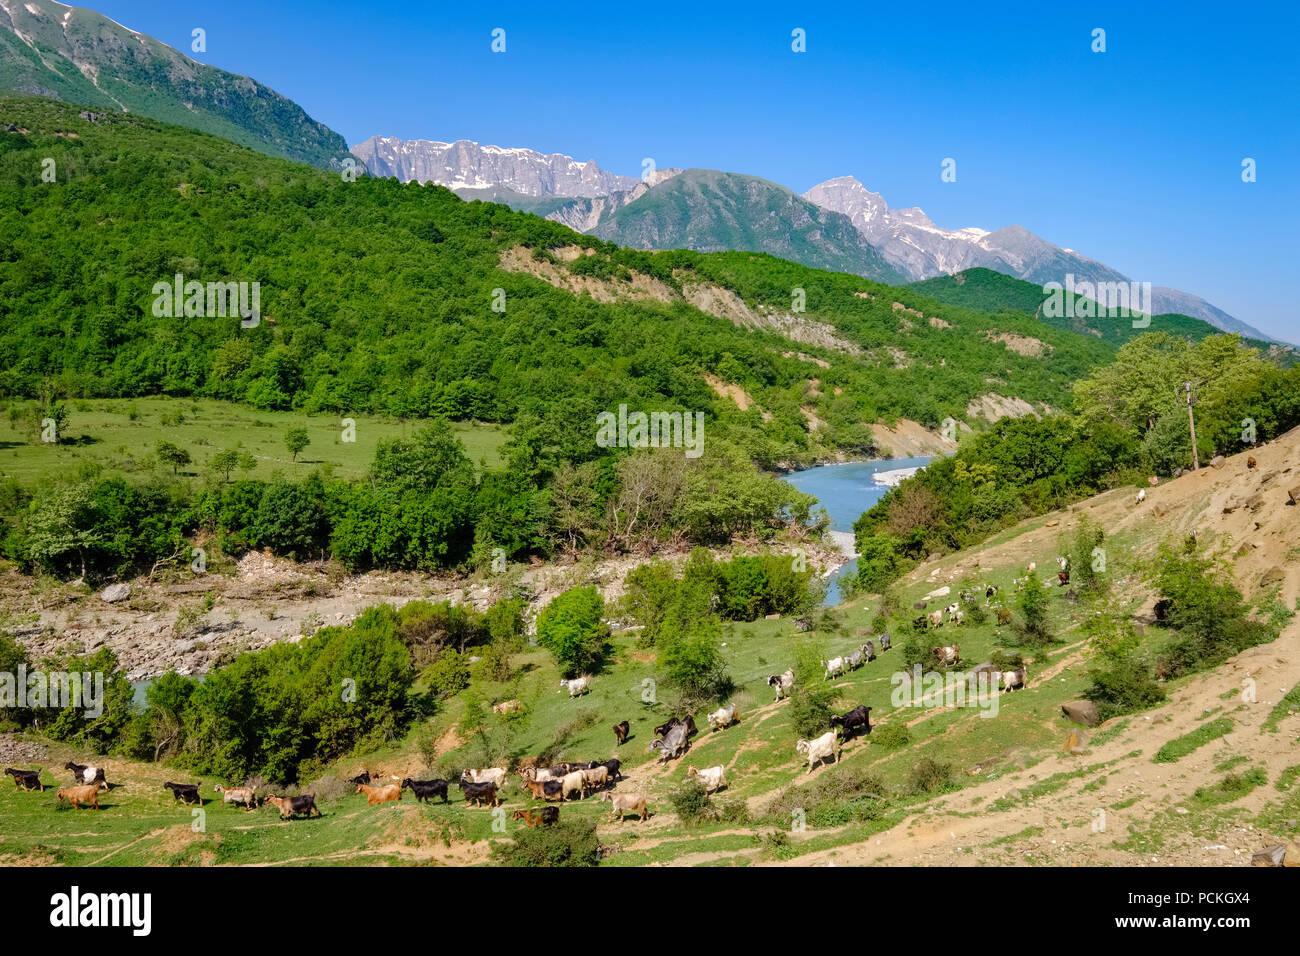 Goat herd, Vjosa river, Upper ...